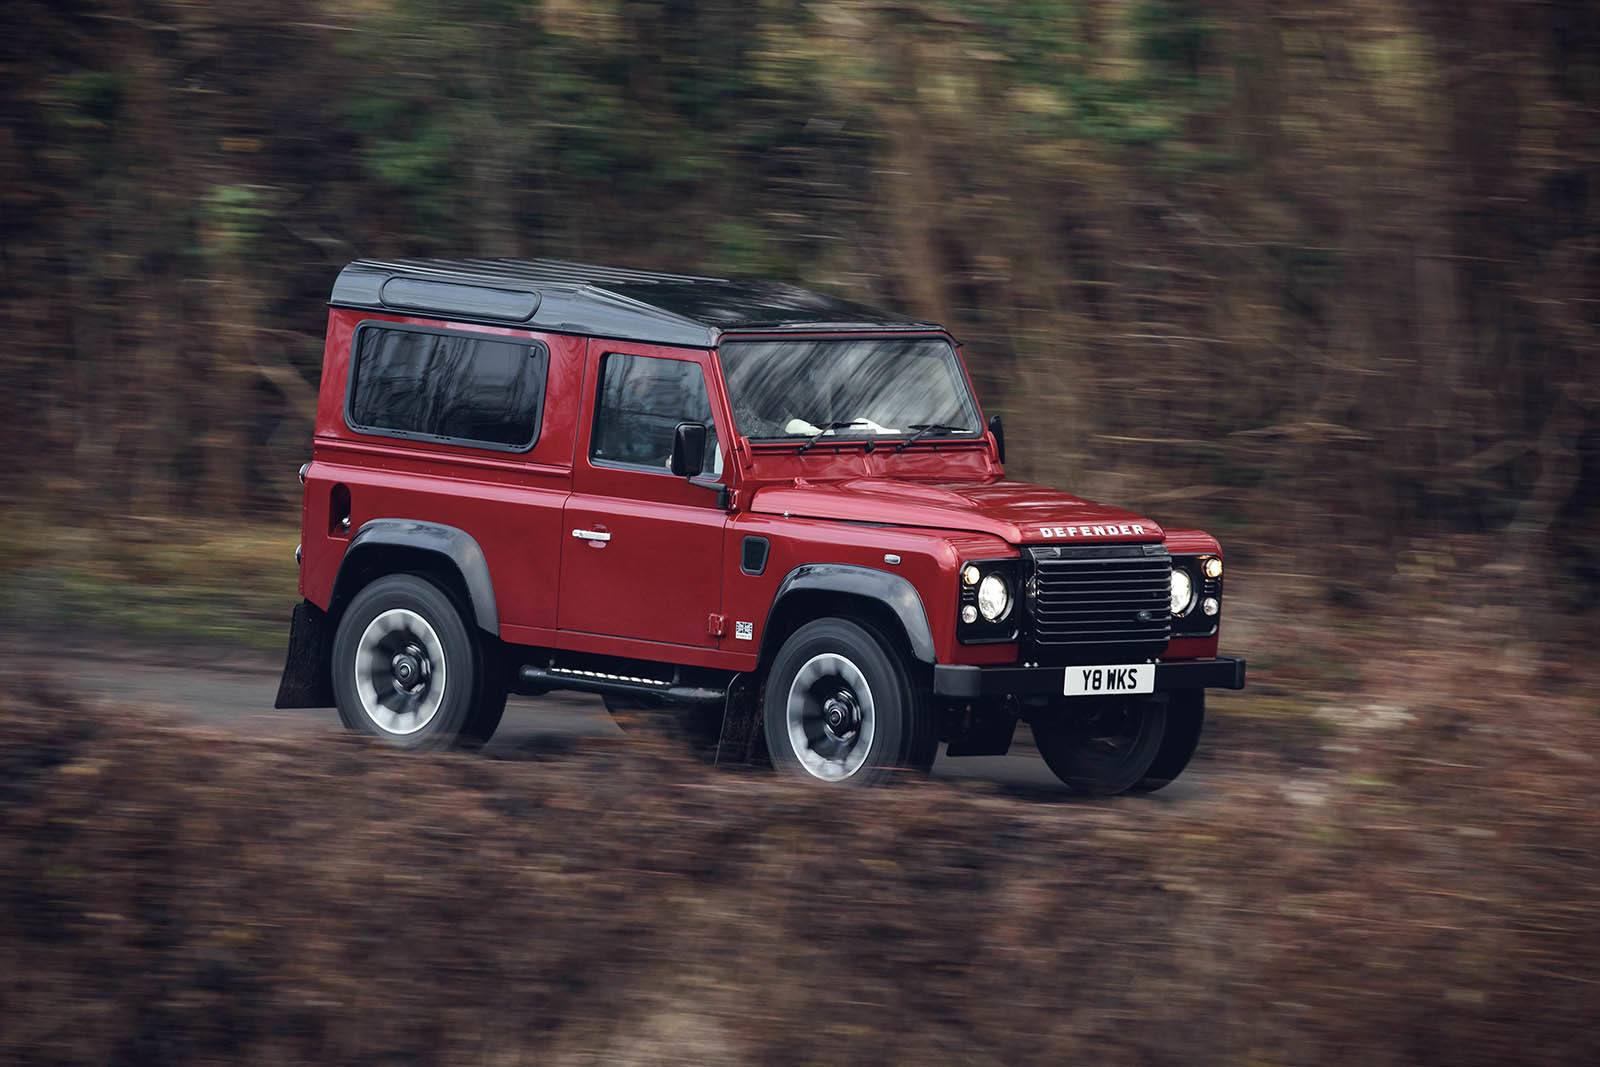 El Land Rover Defender 2020 estrenará una nueva plataforma